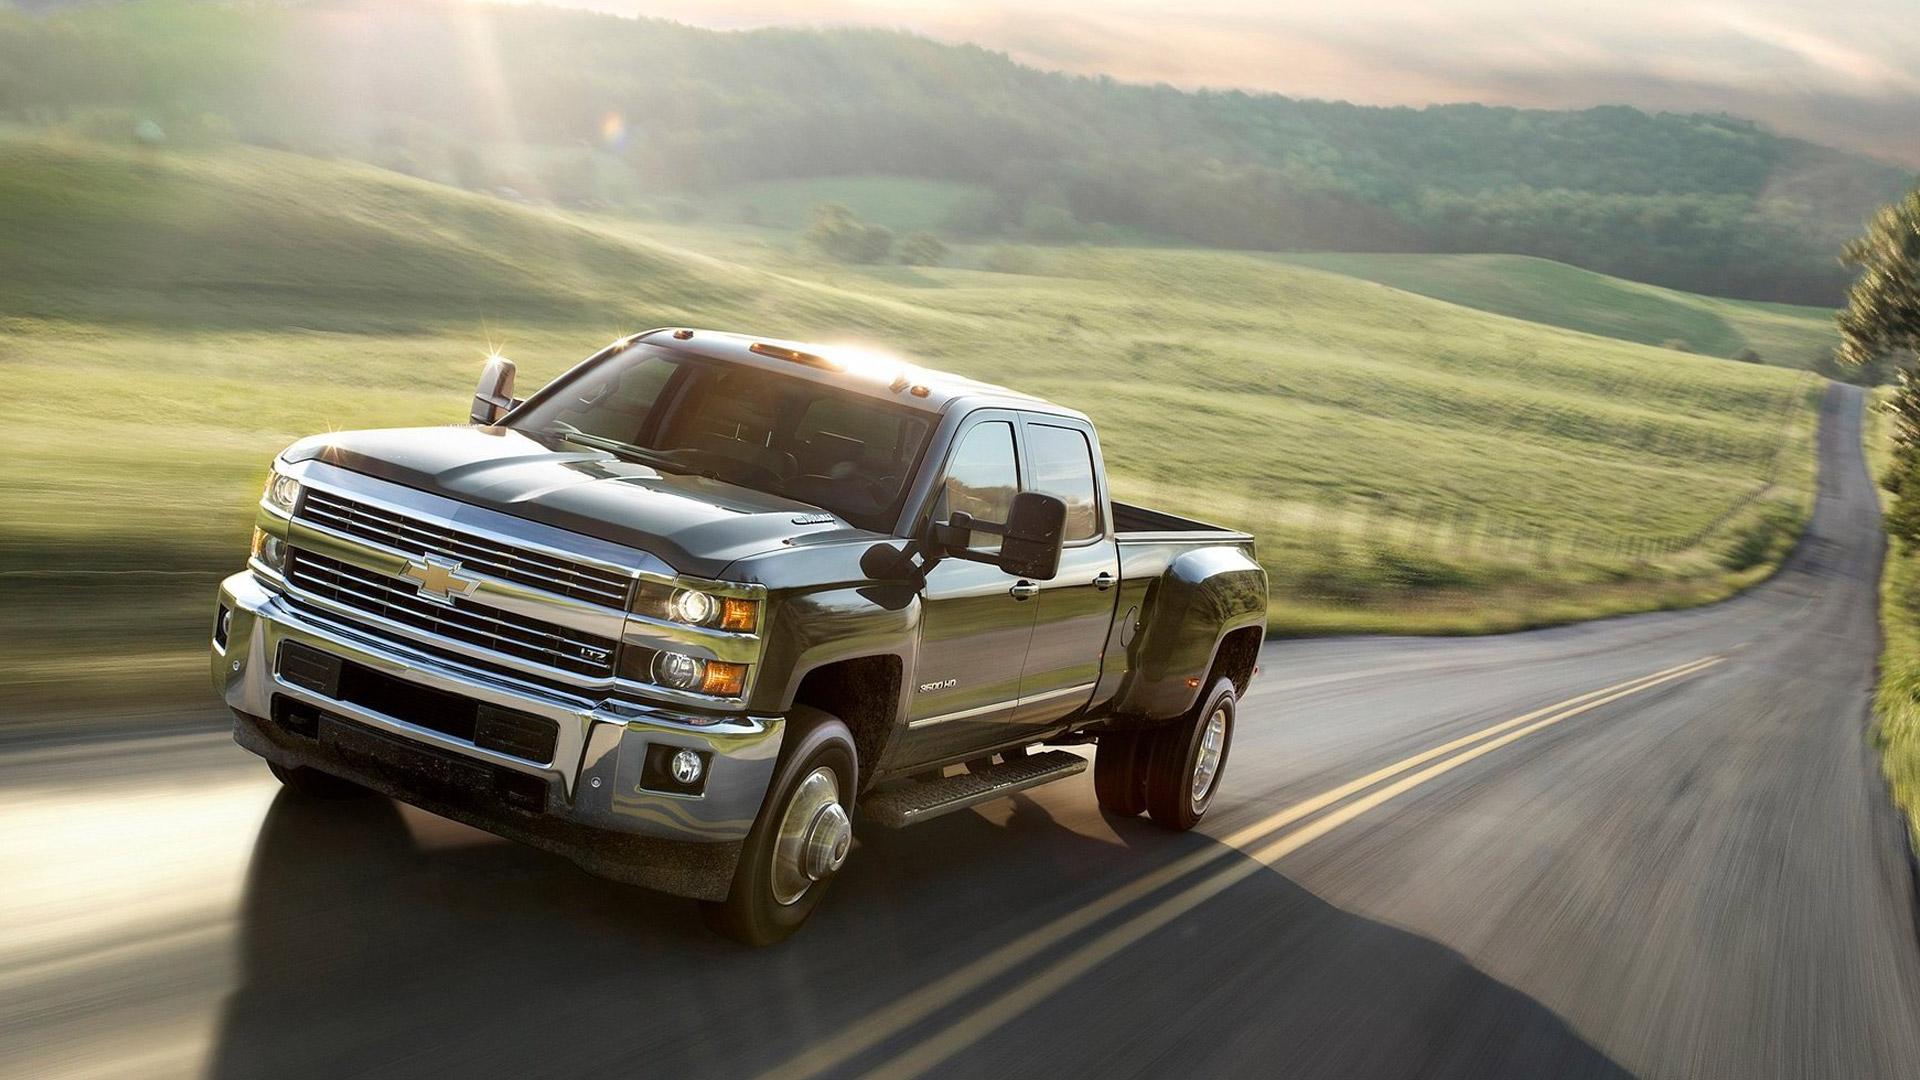 Texas Auto Trucks - Used Diesel Pickups - Wylie TX Dealer